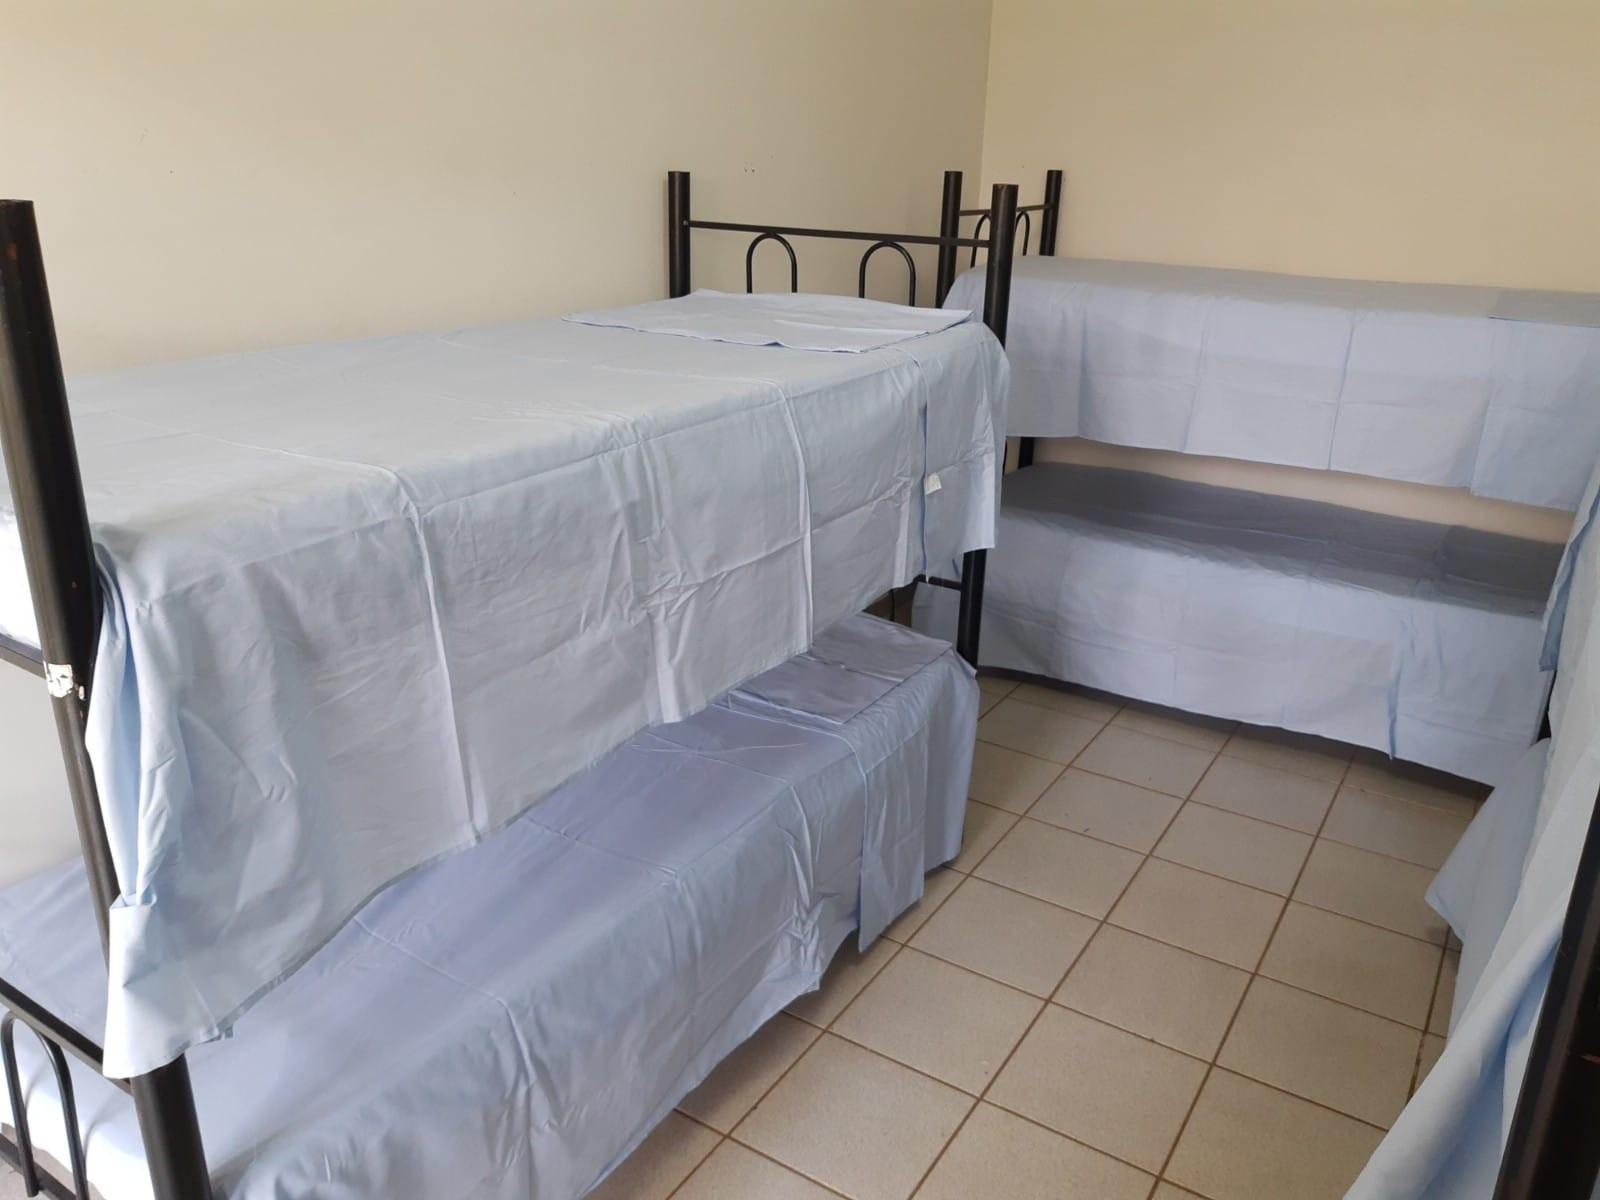 Com nova onda de frio, campanha de doação de agasalhos e de cobertores é intensificada em Maringá